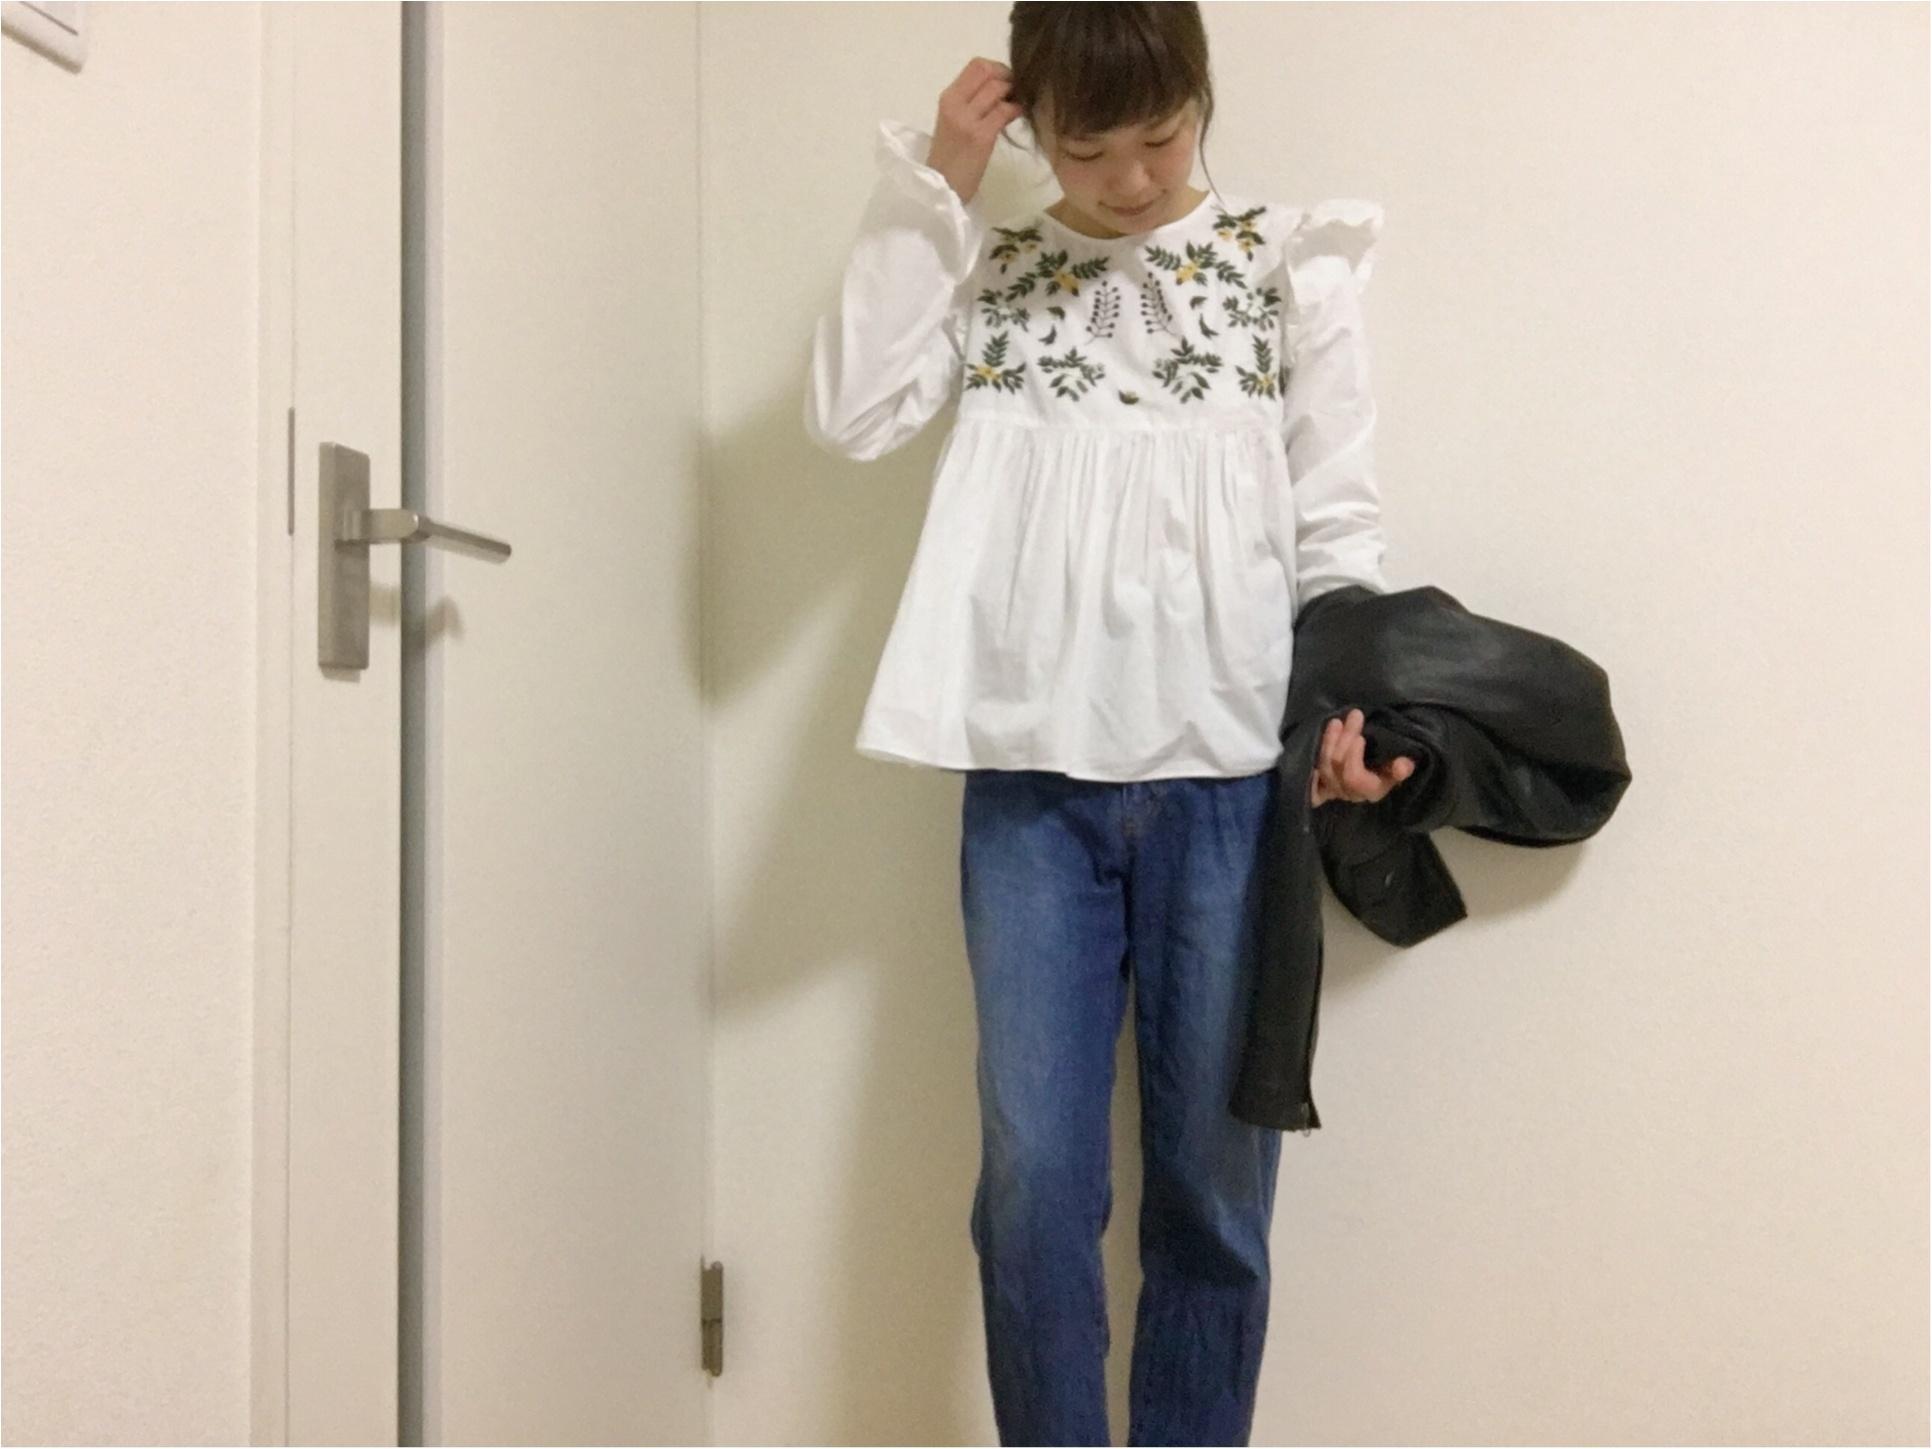 早めの春服は〈プチプラ〉で!H&Mはトップスもデニムも可愛いので、早めにGETしておきましょう!そして、この時期要チェックなおすすめショップも合わせてご紹介!_4